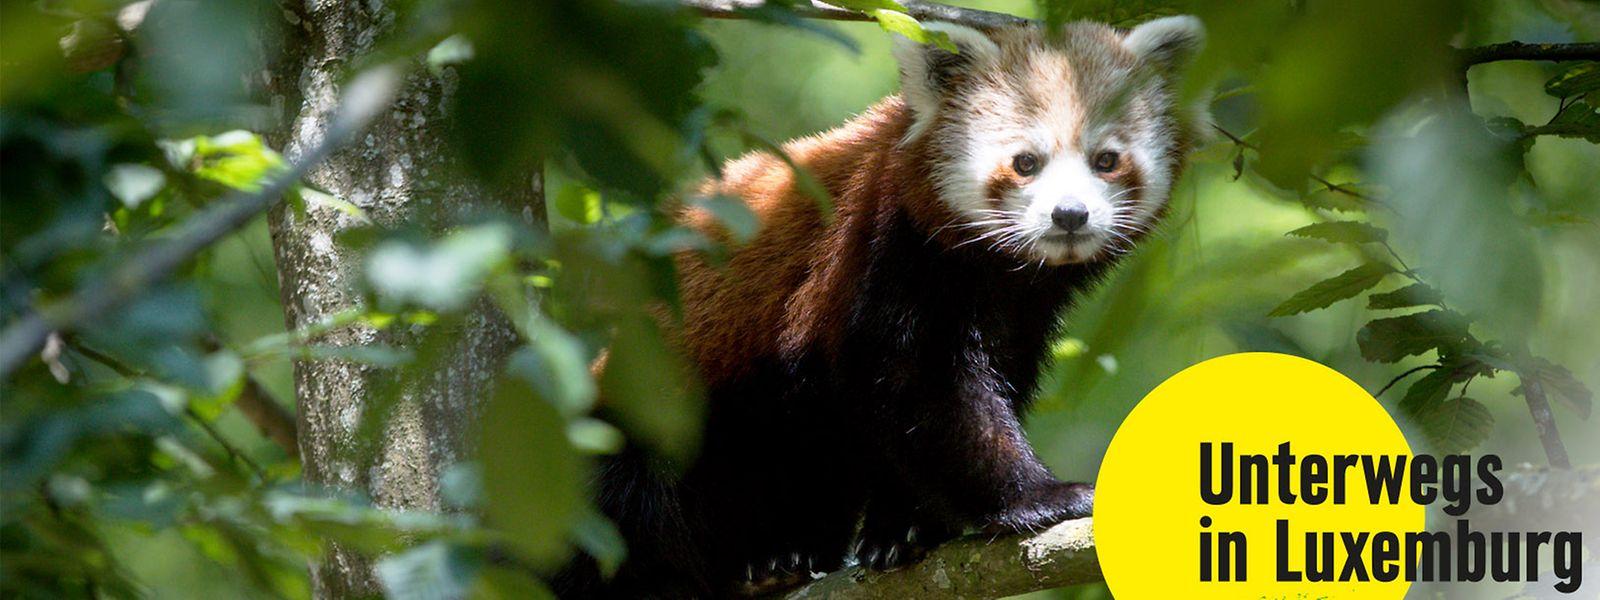 Jedes Jahr empfängt der Tierpark neue Tierarten. Neuankömmling dieses Jahr ist der rote Panda.